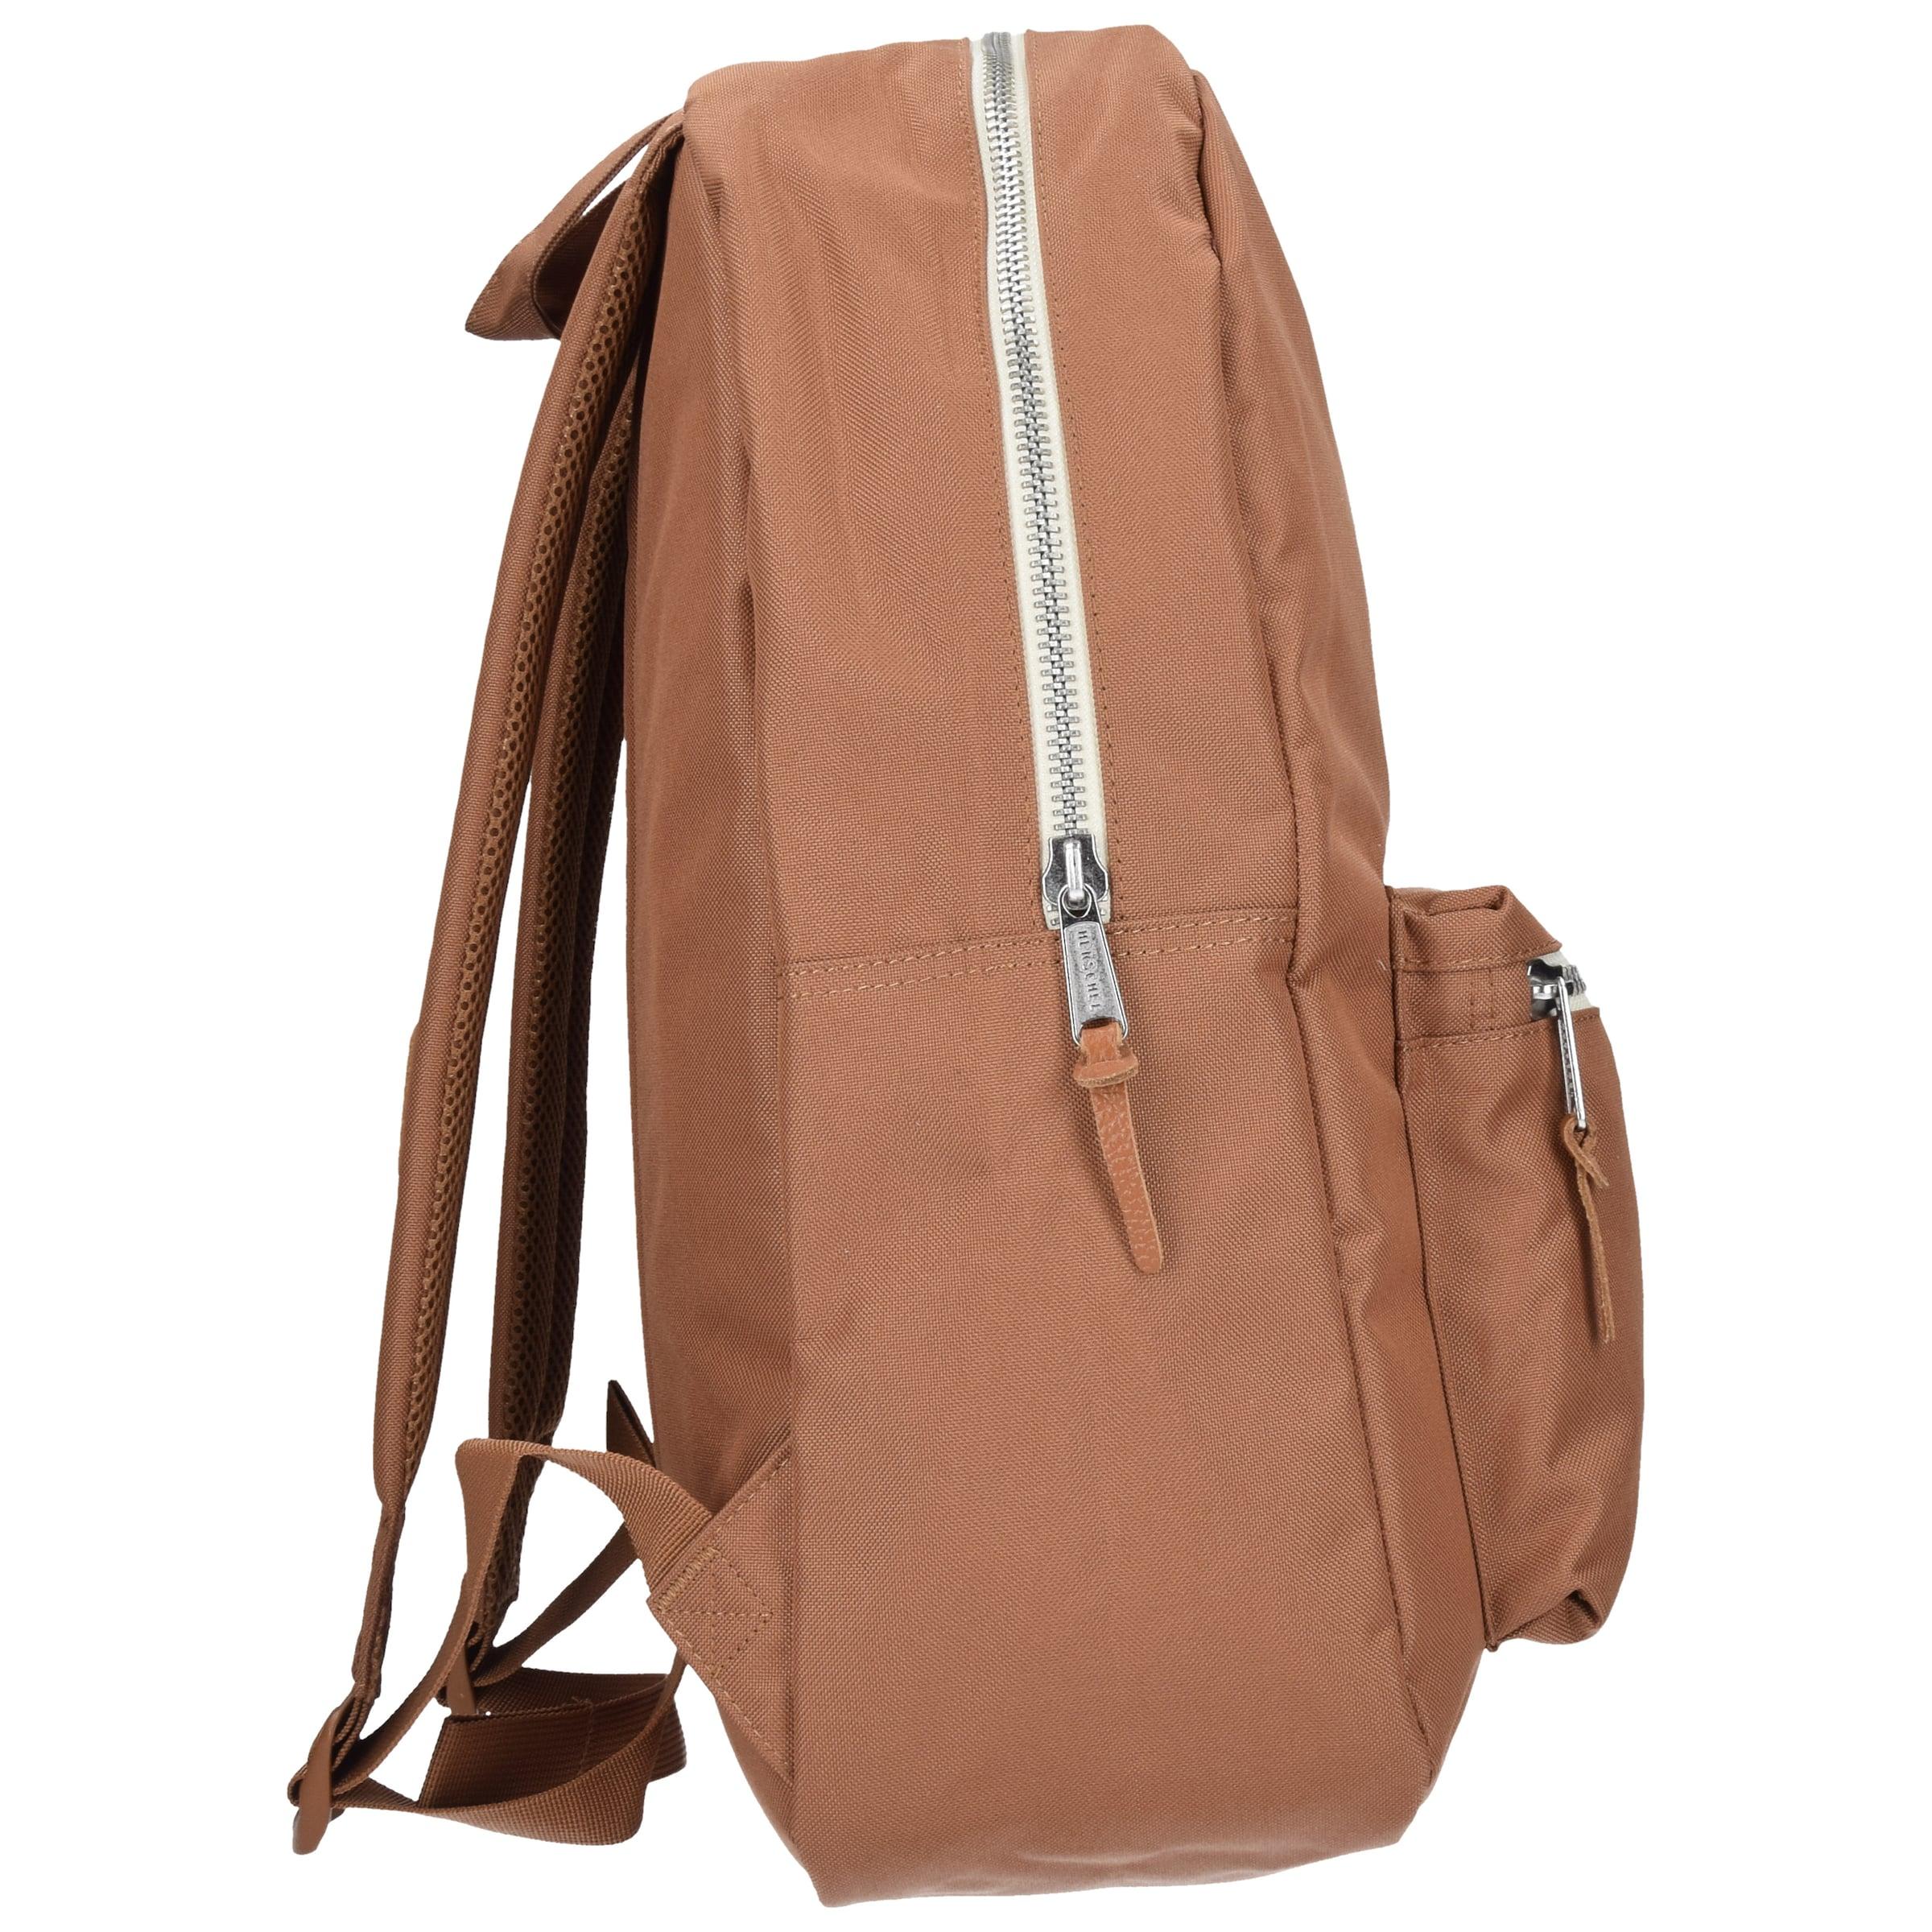 Herschel Settlement Backpack Rucksack 44 cm Laptopfach Billig Verkauf Zahlung Mit Visa Ausverkaufspreise sHe2OYuq